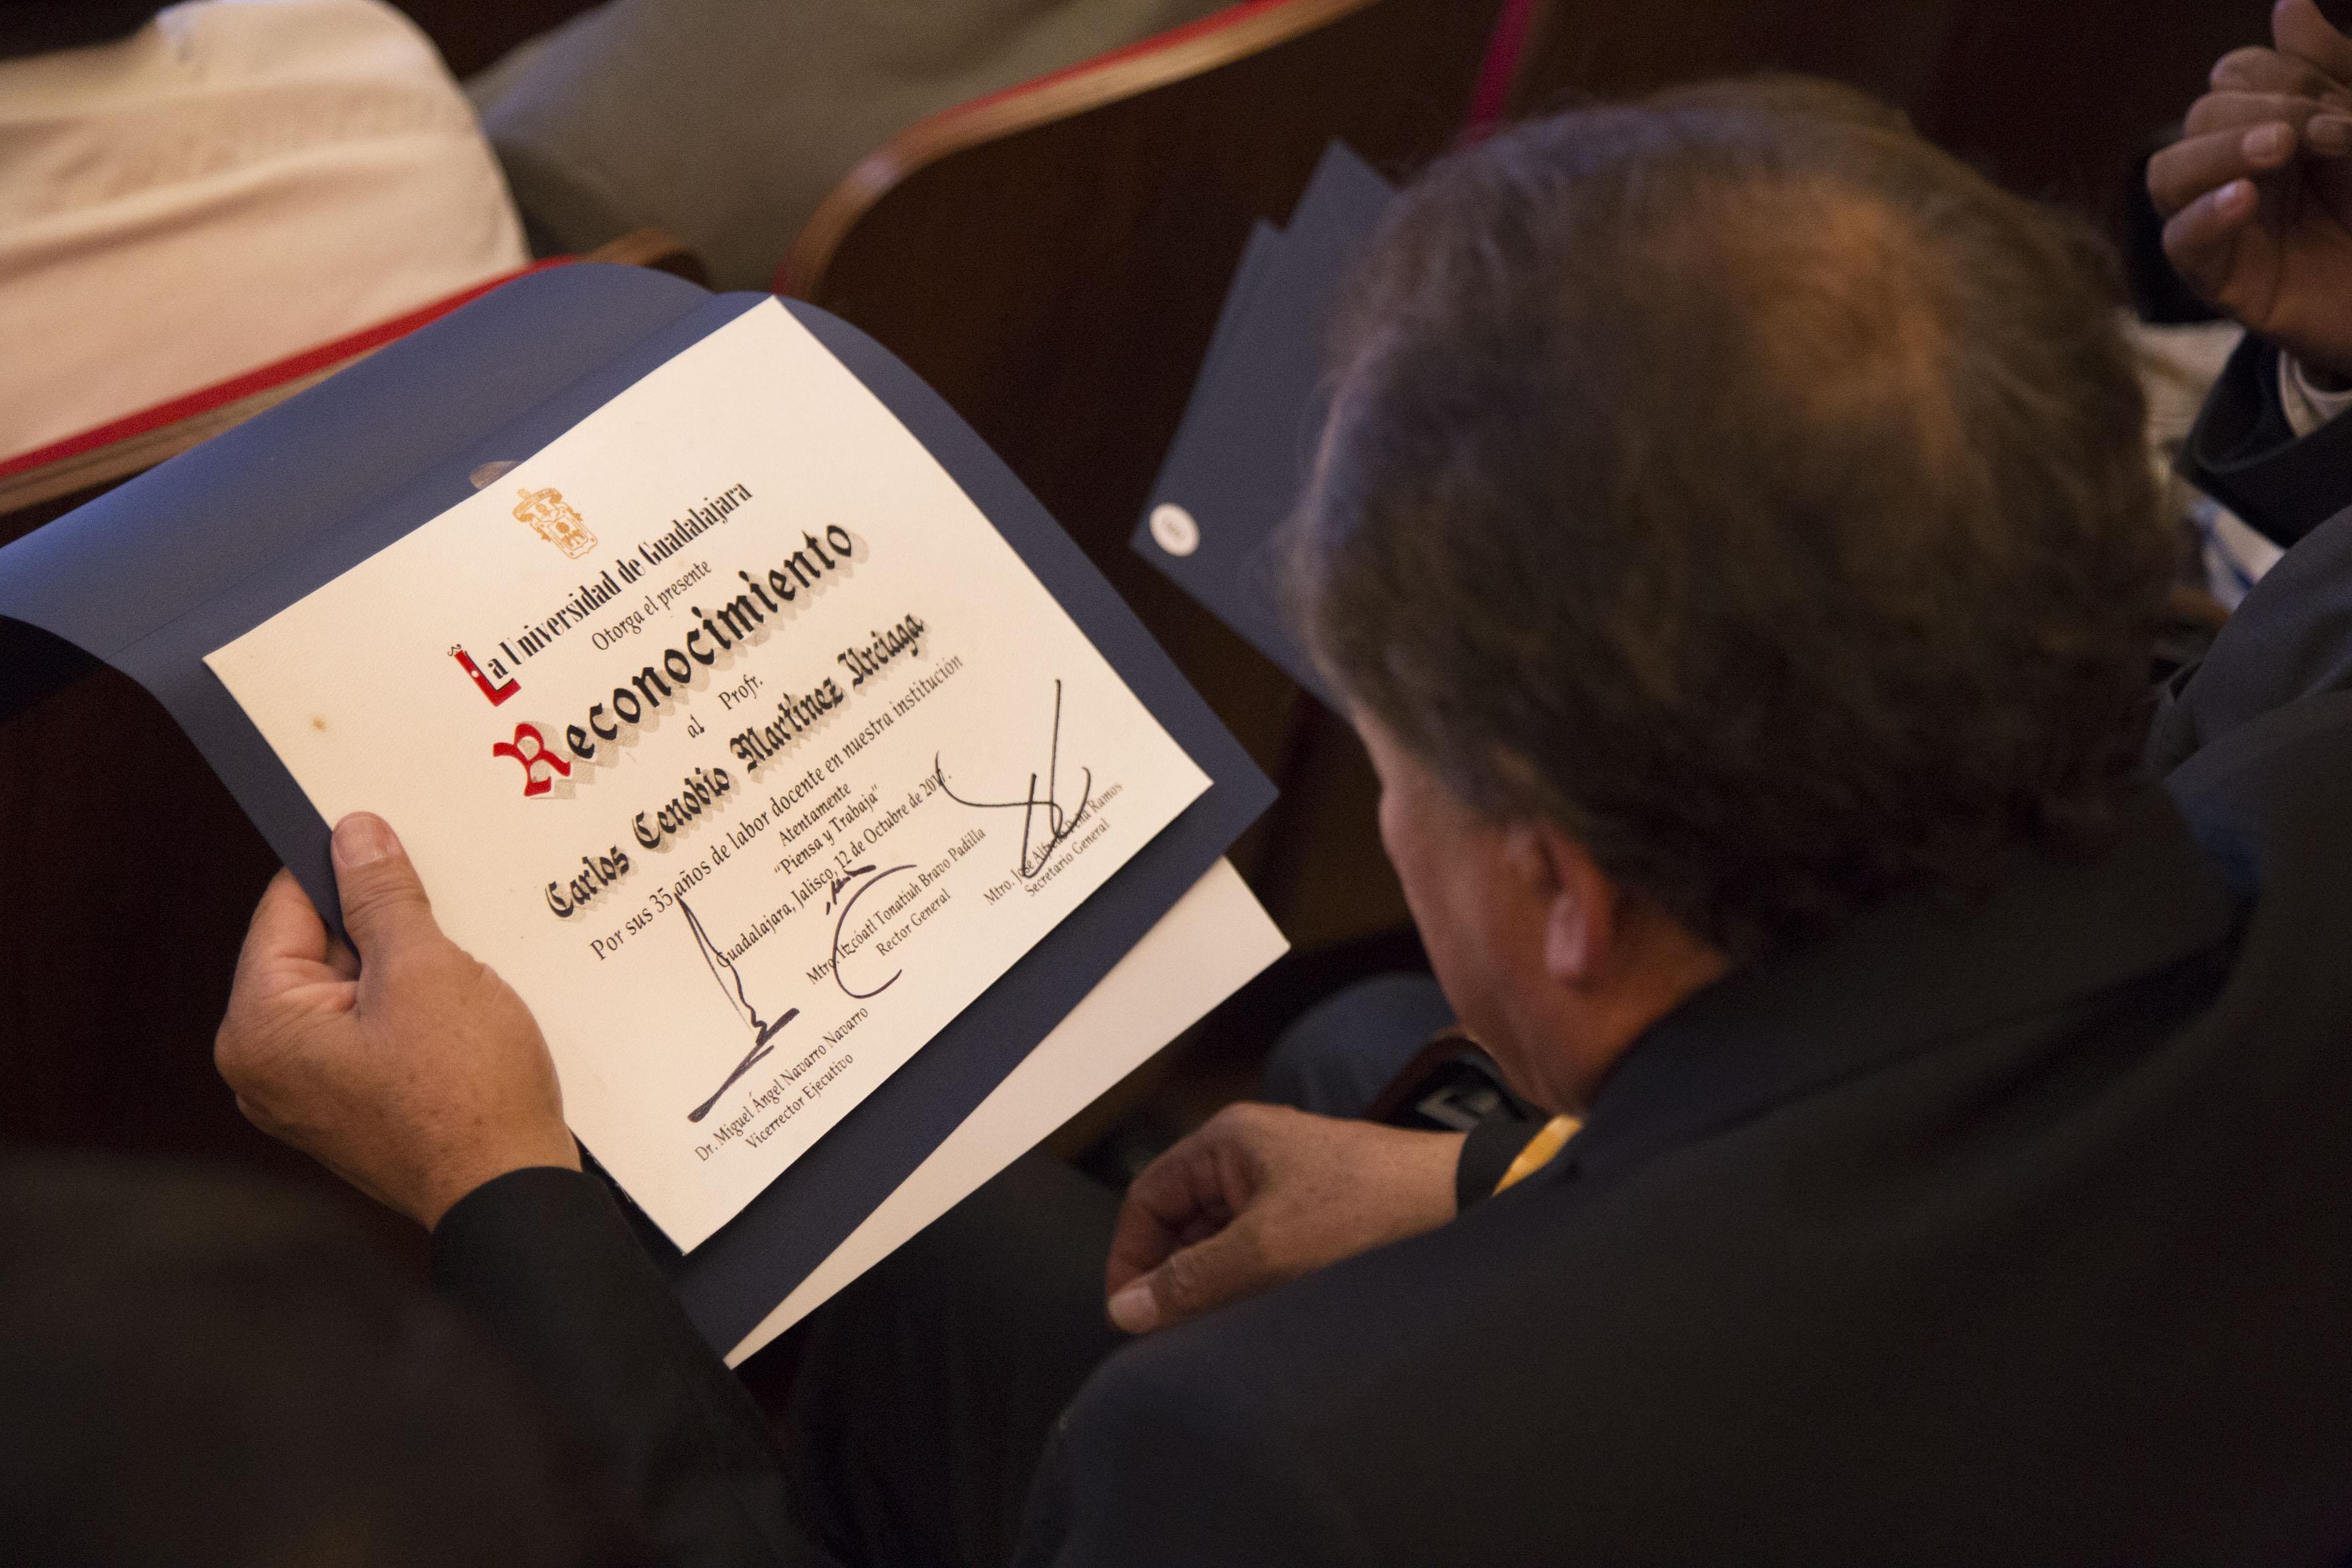 Carlos Cenobio Martinez Urciaga mostrando su reconocimiento por 35 años de trayectoria